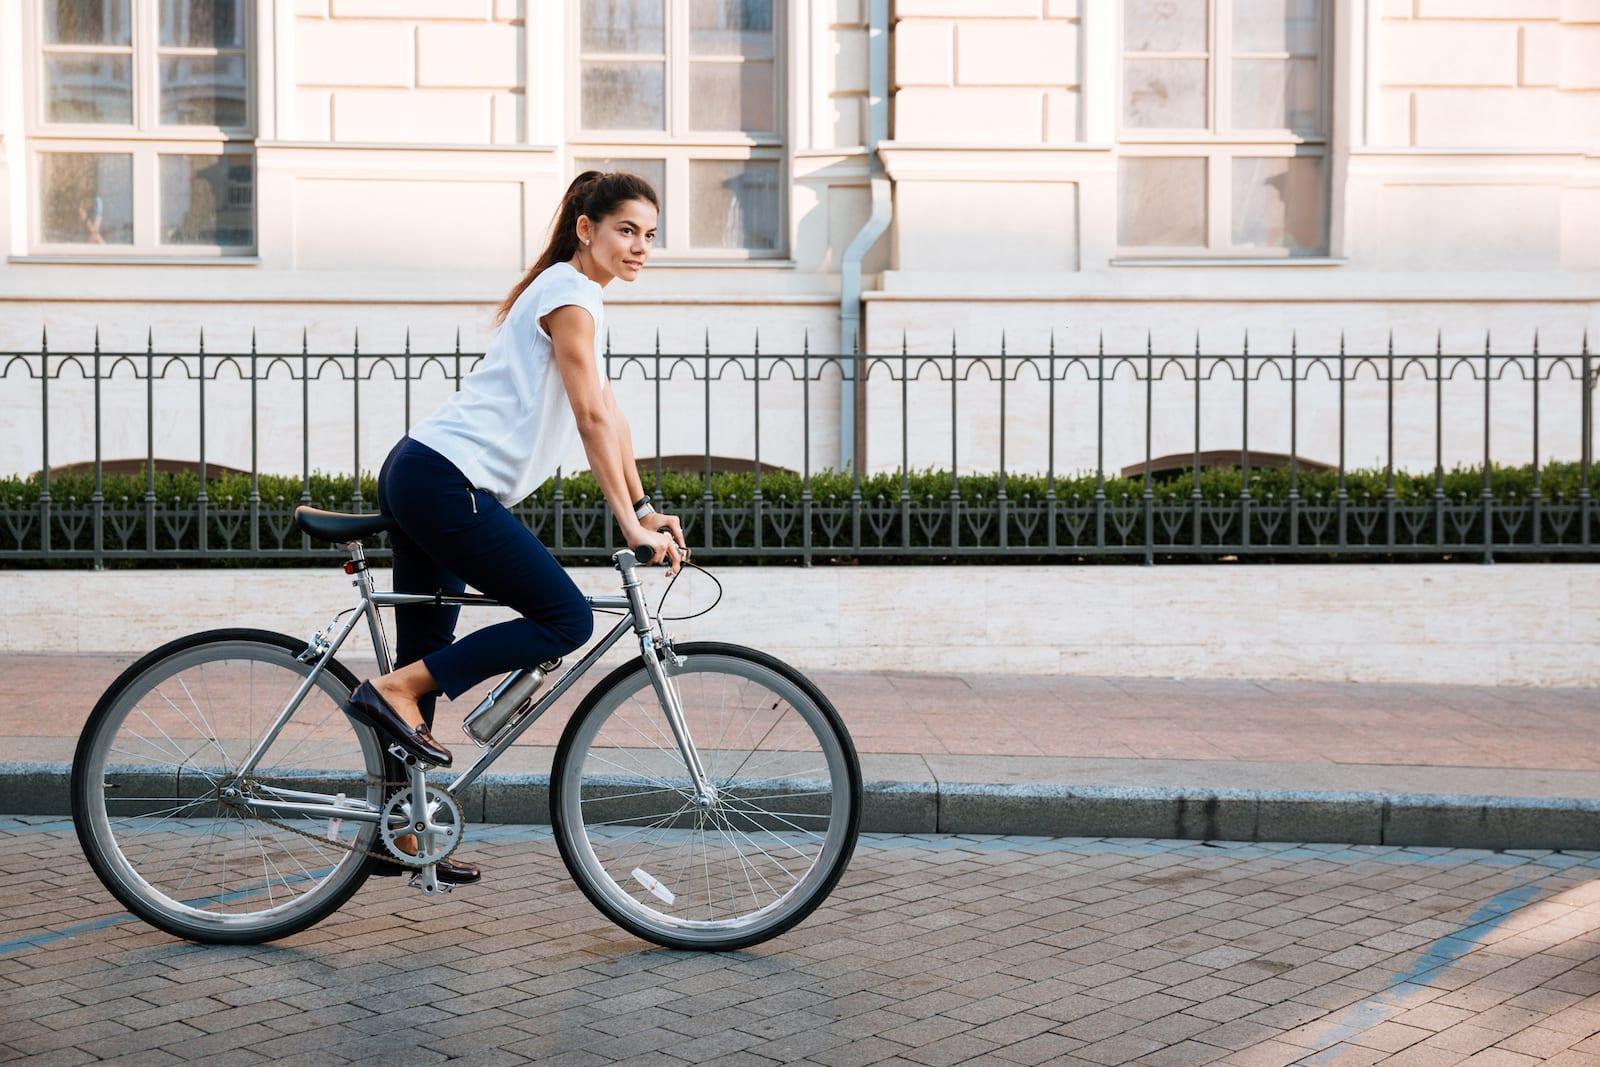 Jak schudnąć na rowerze? | Rowerowe Porady